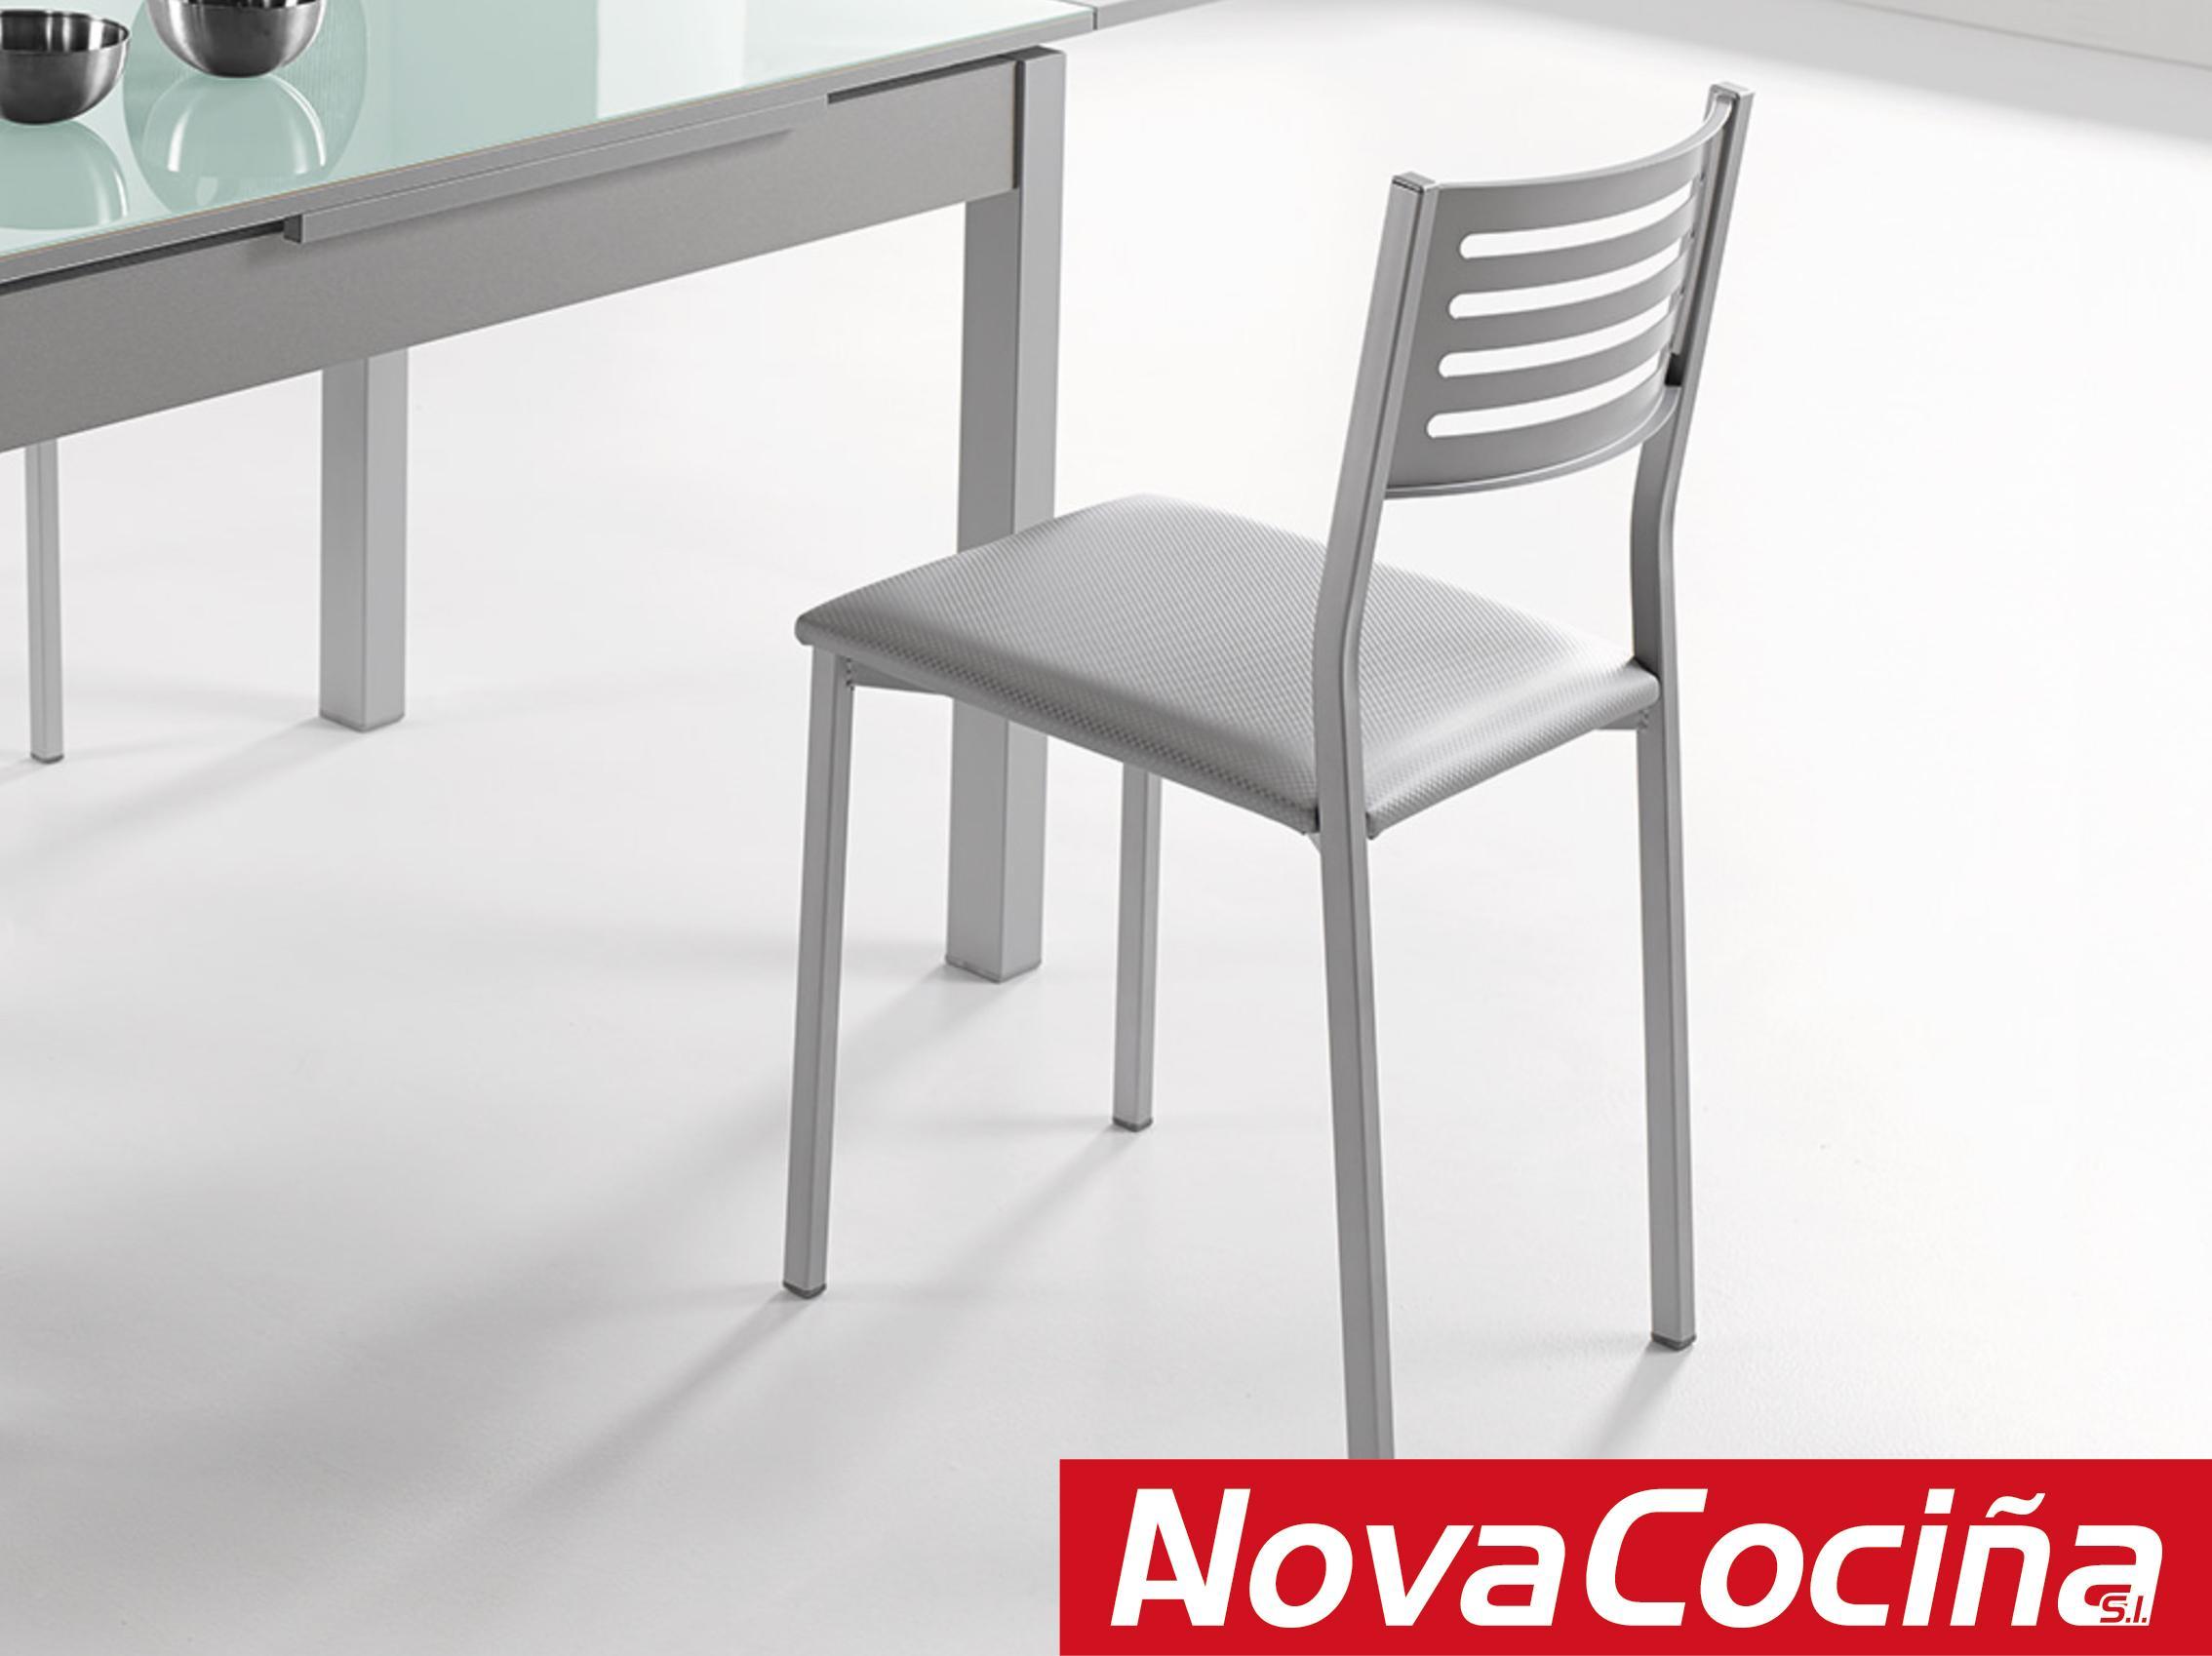 Silla Alta Cocina | Sillas Altas Ikea Sillas Altas Ikea Mesas Y ...